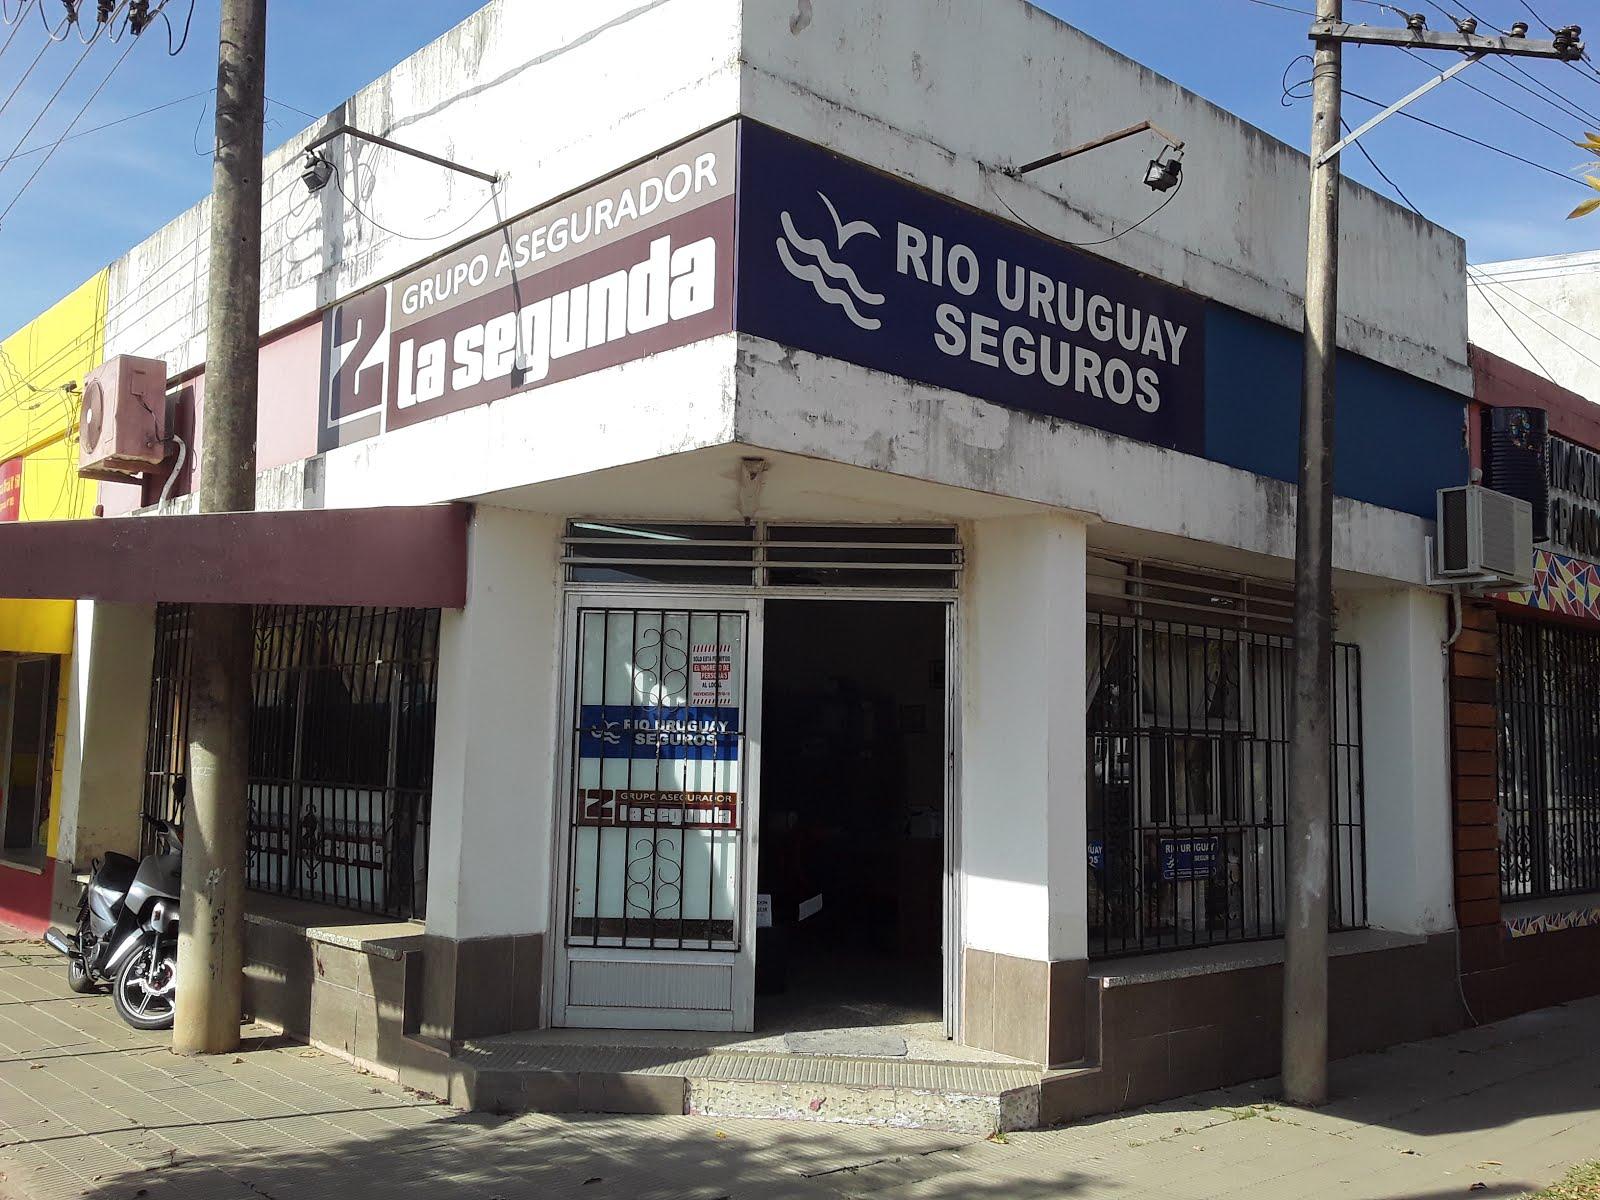 SEGUROS RIO URUGUAY